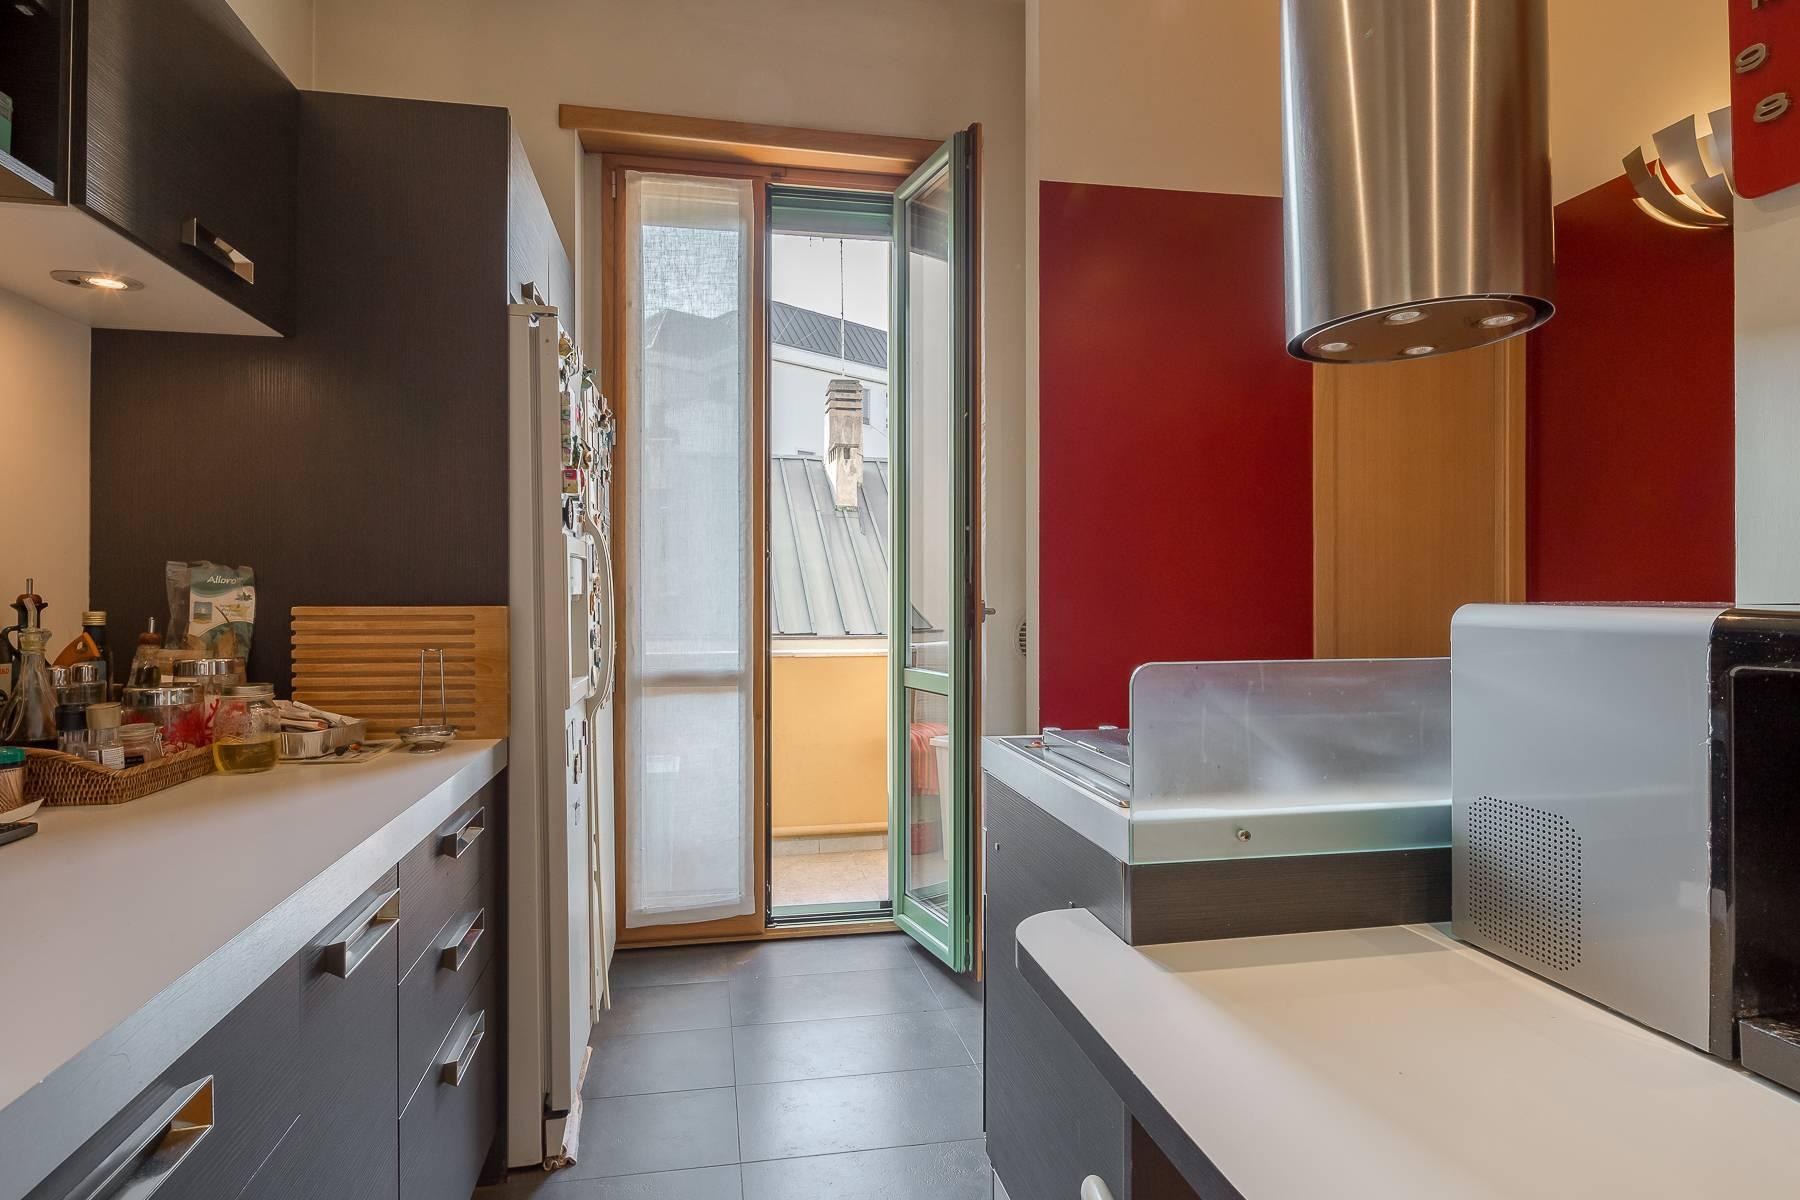 Квартира в классическом стиле на via Besana - 17